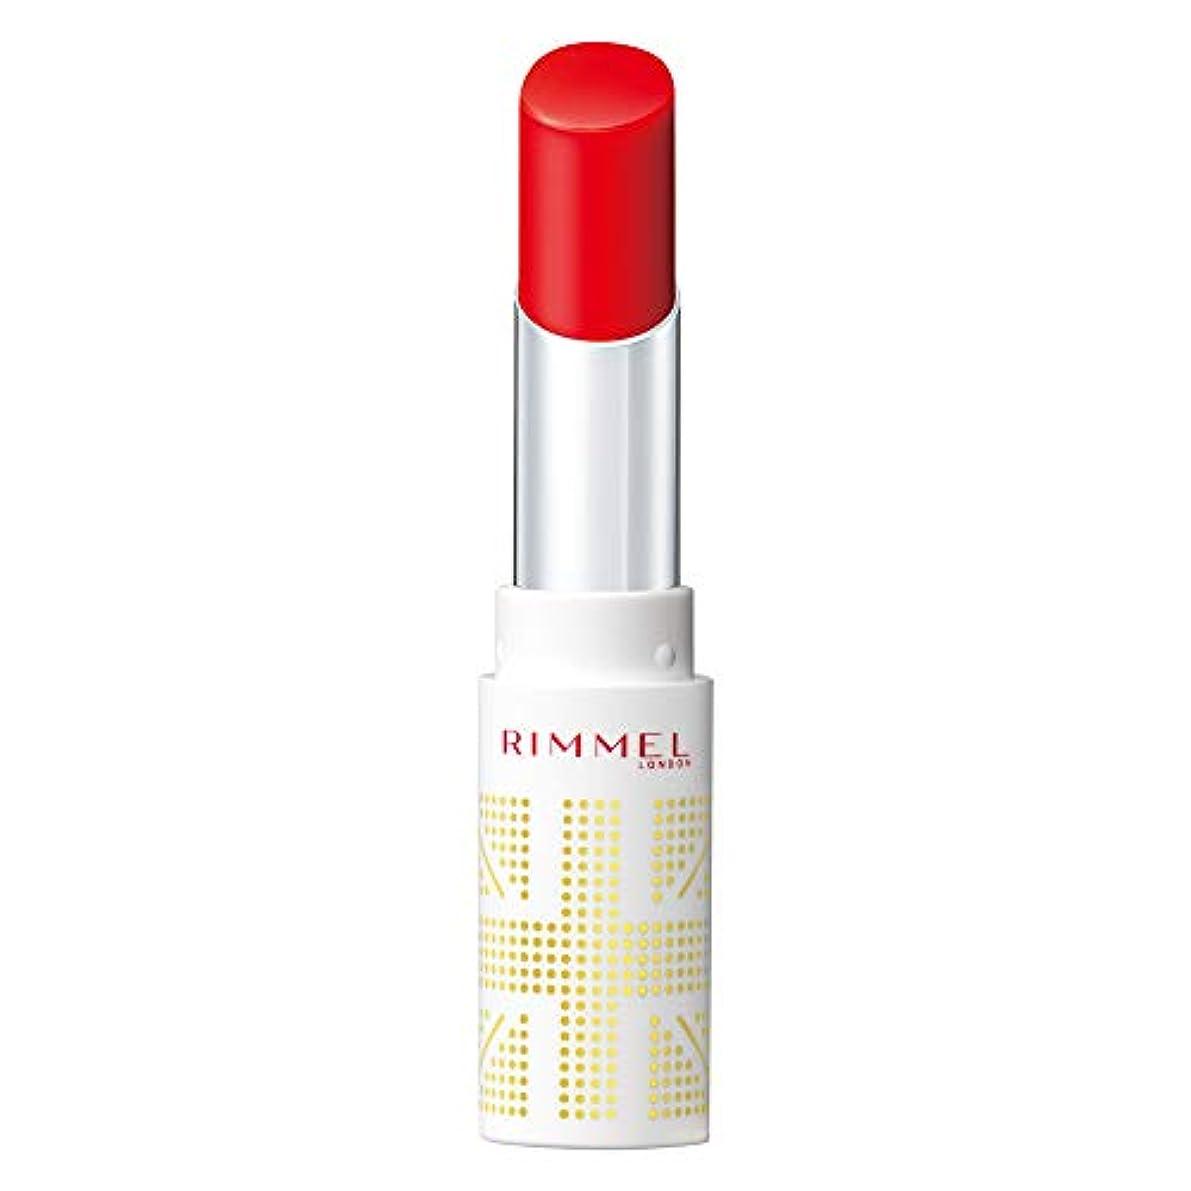 フラグラント肉腫軽減Rimmel (リンメル) リンメル ラスティングフィニッシュ オイルティントリップ 002 マンダリンレッド 3.8g 口紅